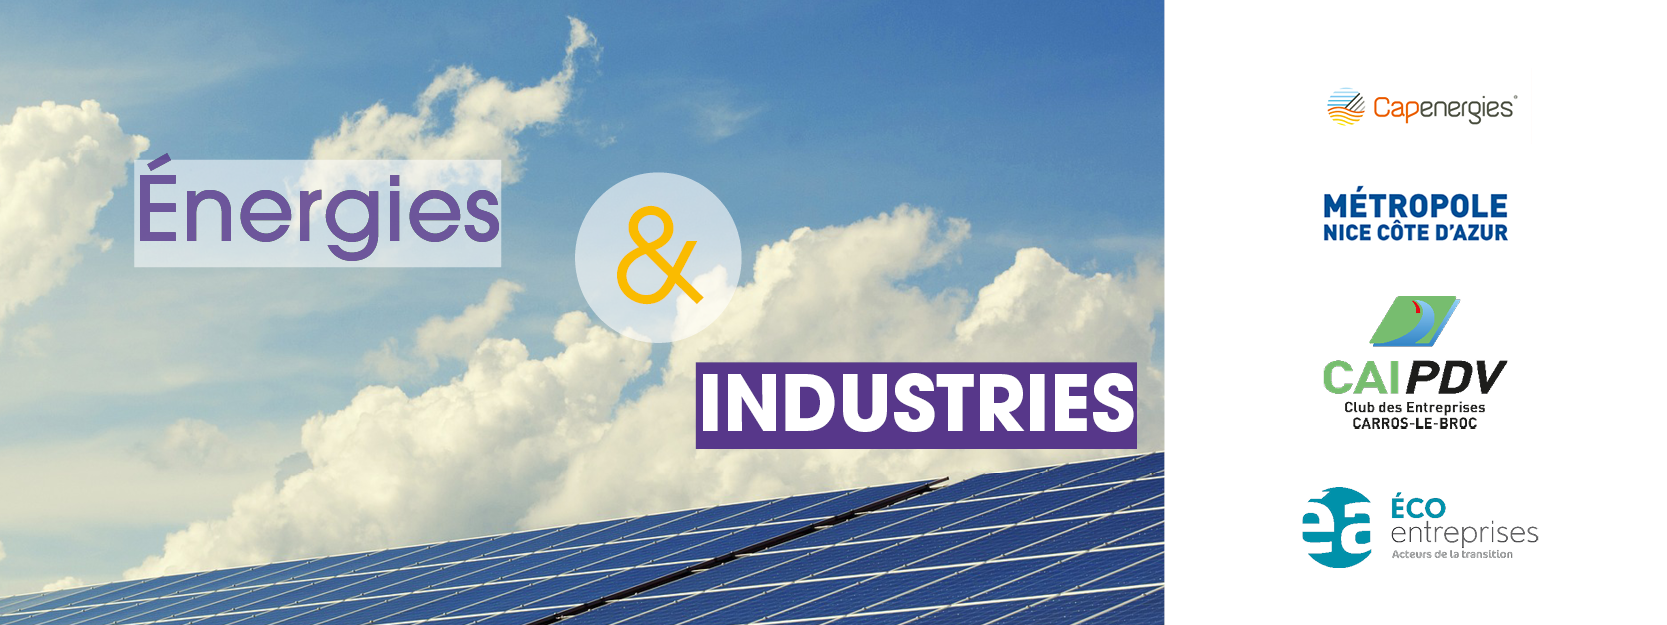 GT Energies & Industries : Atelier Systèmes de Contrôle et Gestion de l'Energie